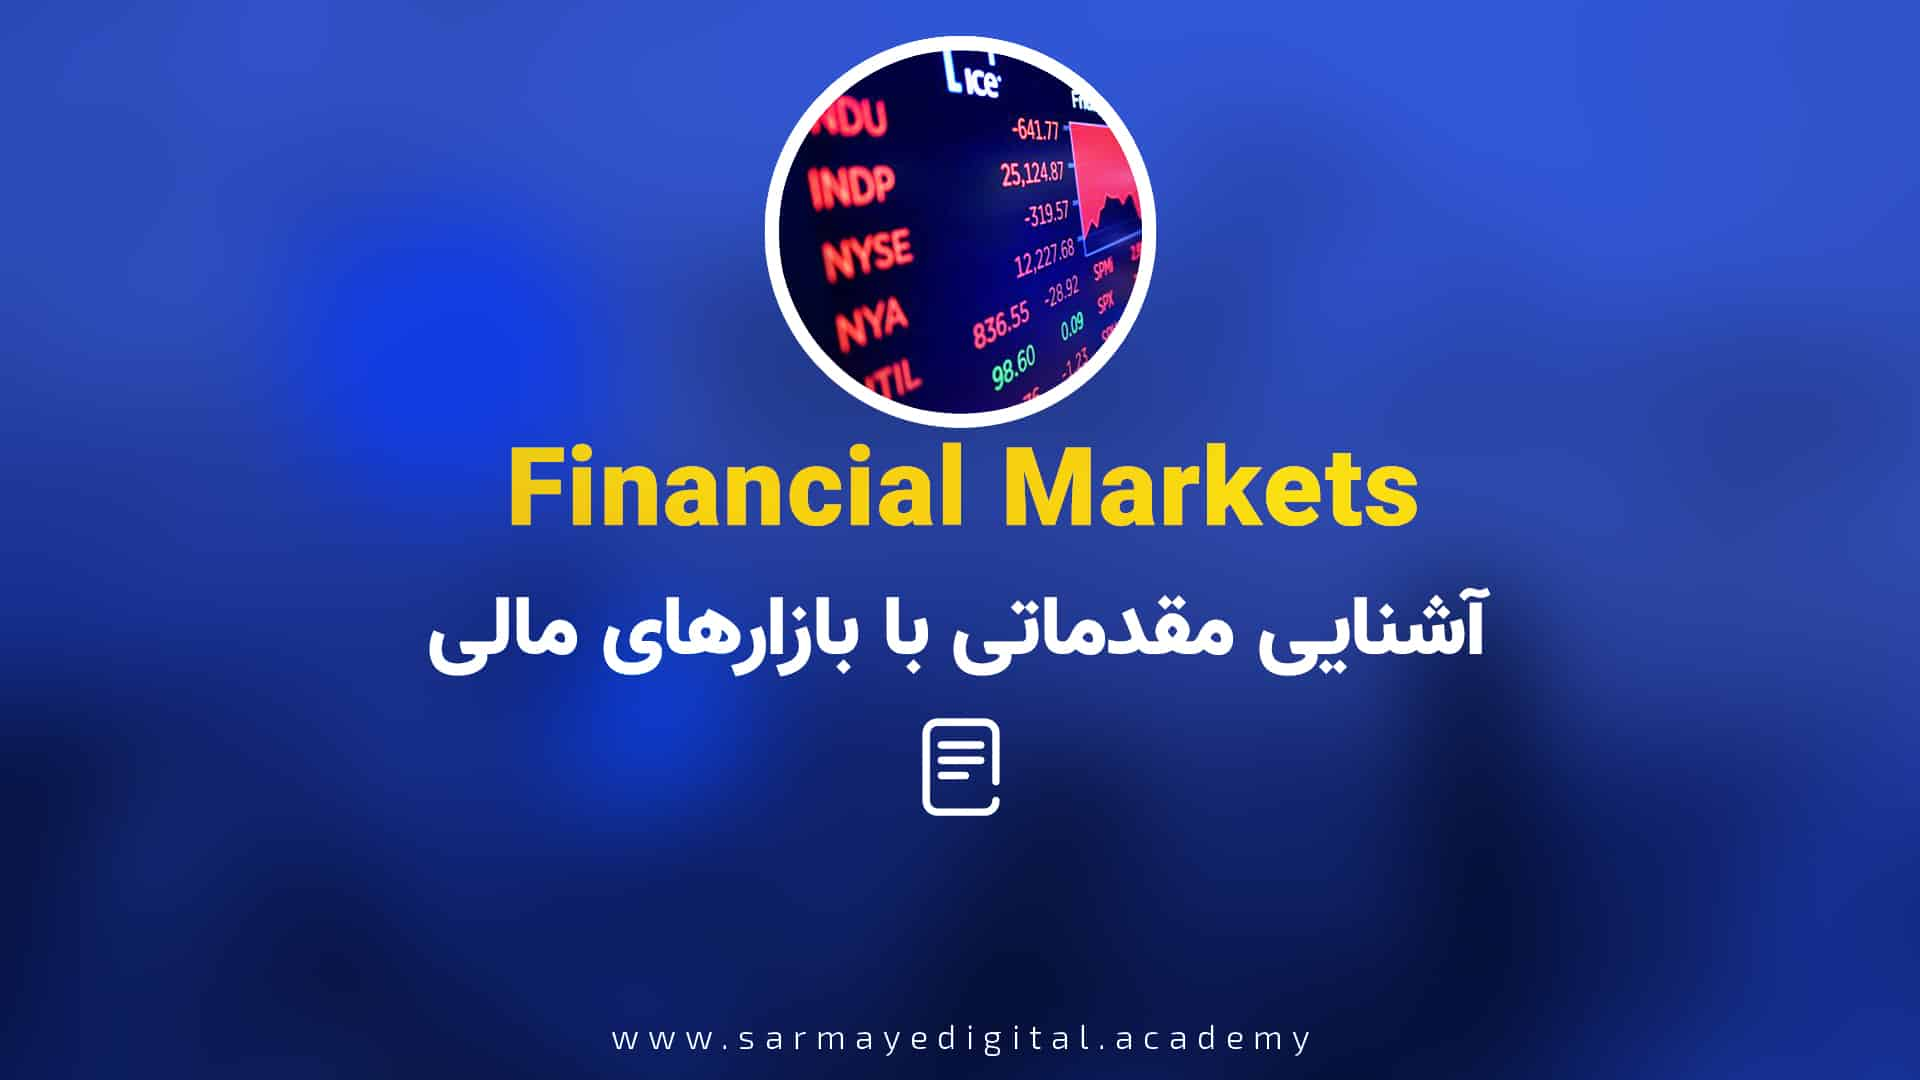 بازارهای مالی (فارکس - فیات )